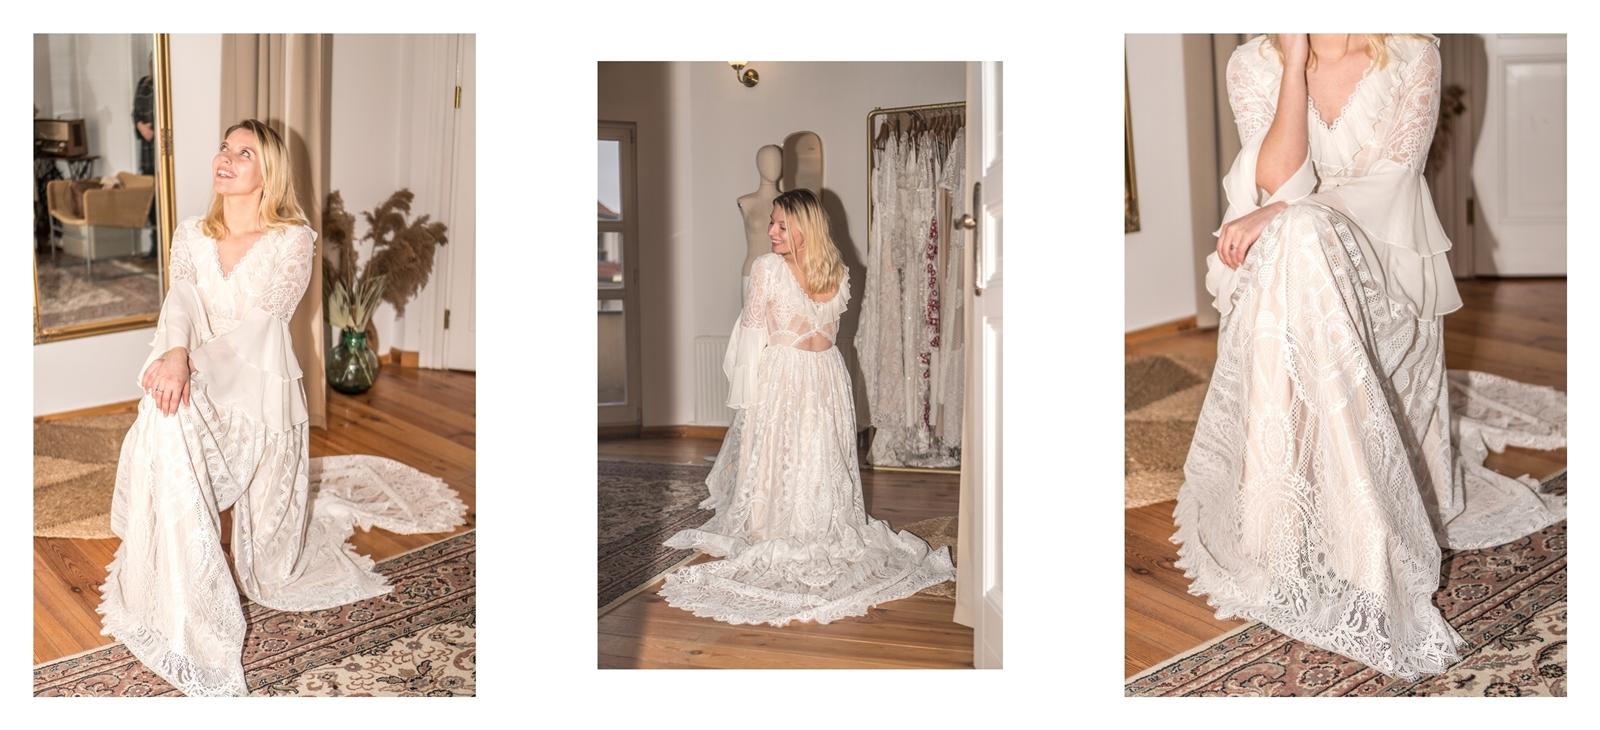 11a suknia ślubna z trenem sukienka z długimm rękawem z doczepianą spódnicą z gorsetem z falbanami w stylu rystykalnym suknia ślubna z rozporkiem z kieszeniami